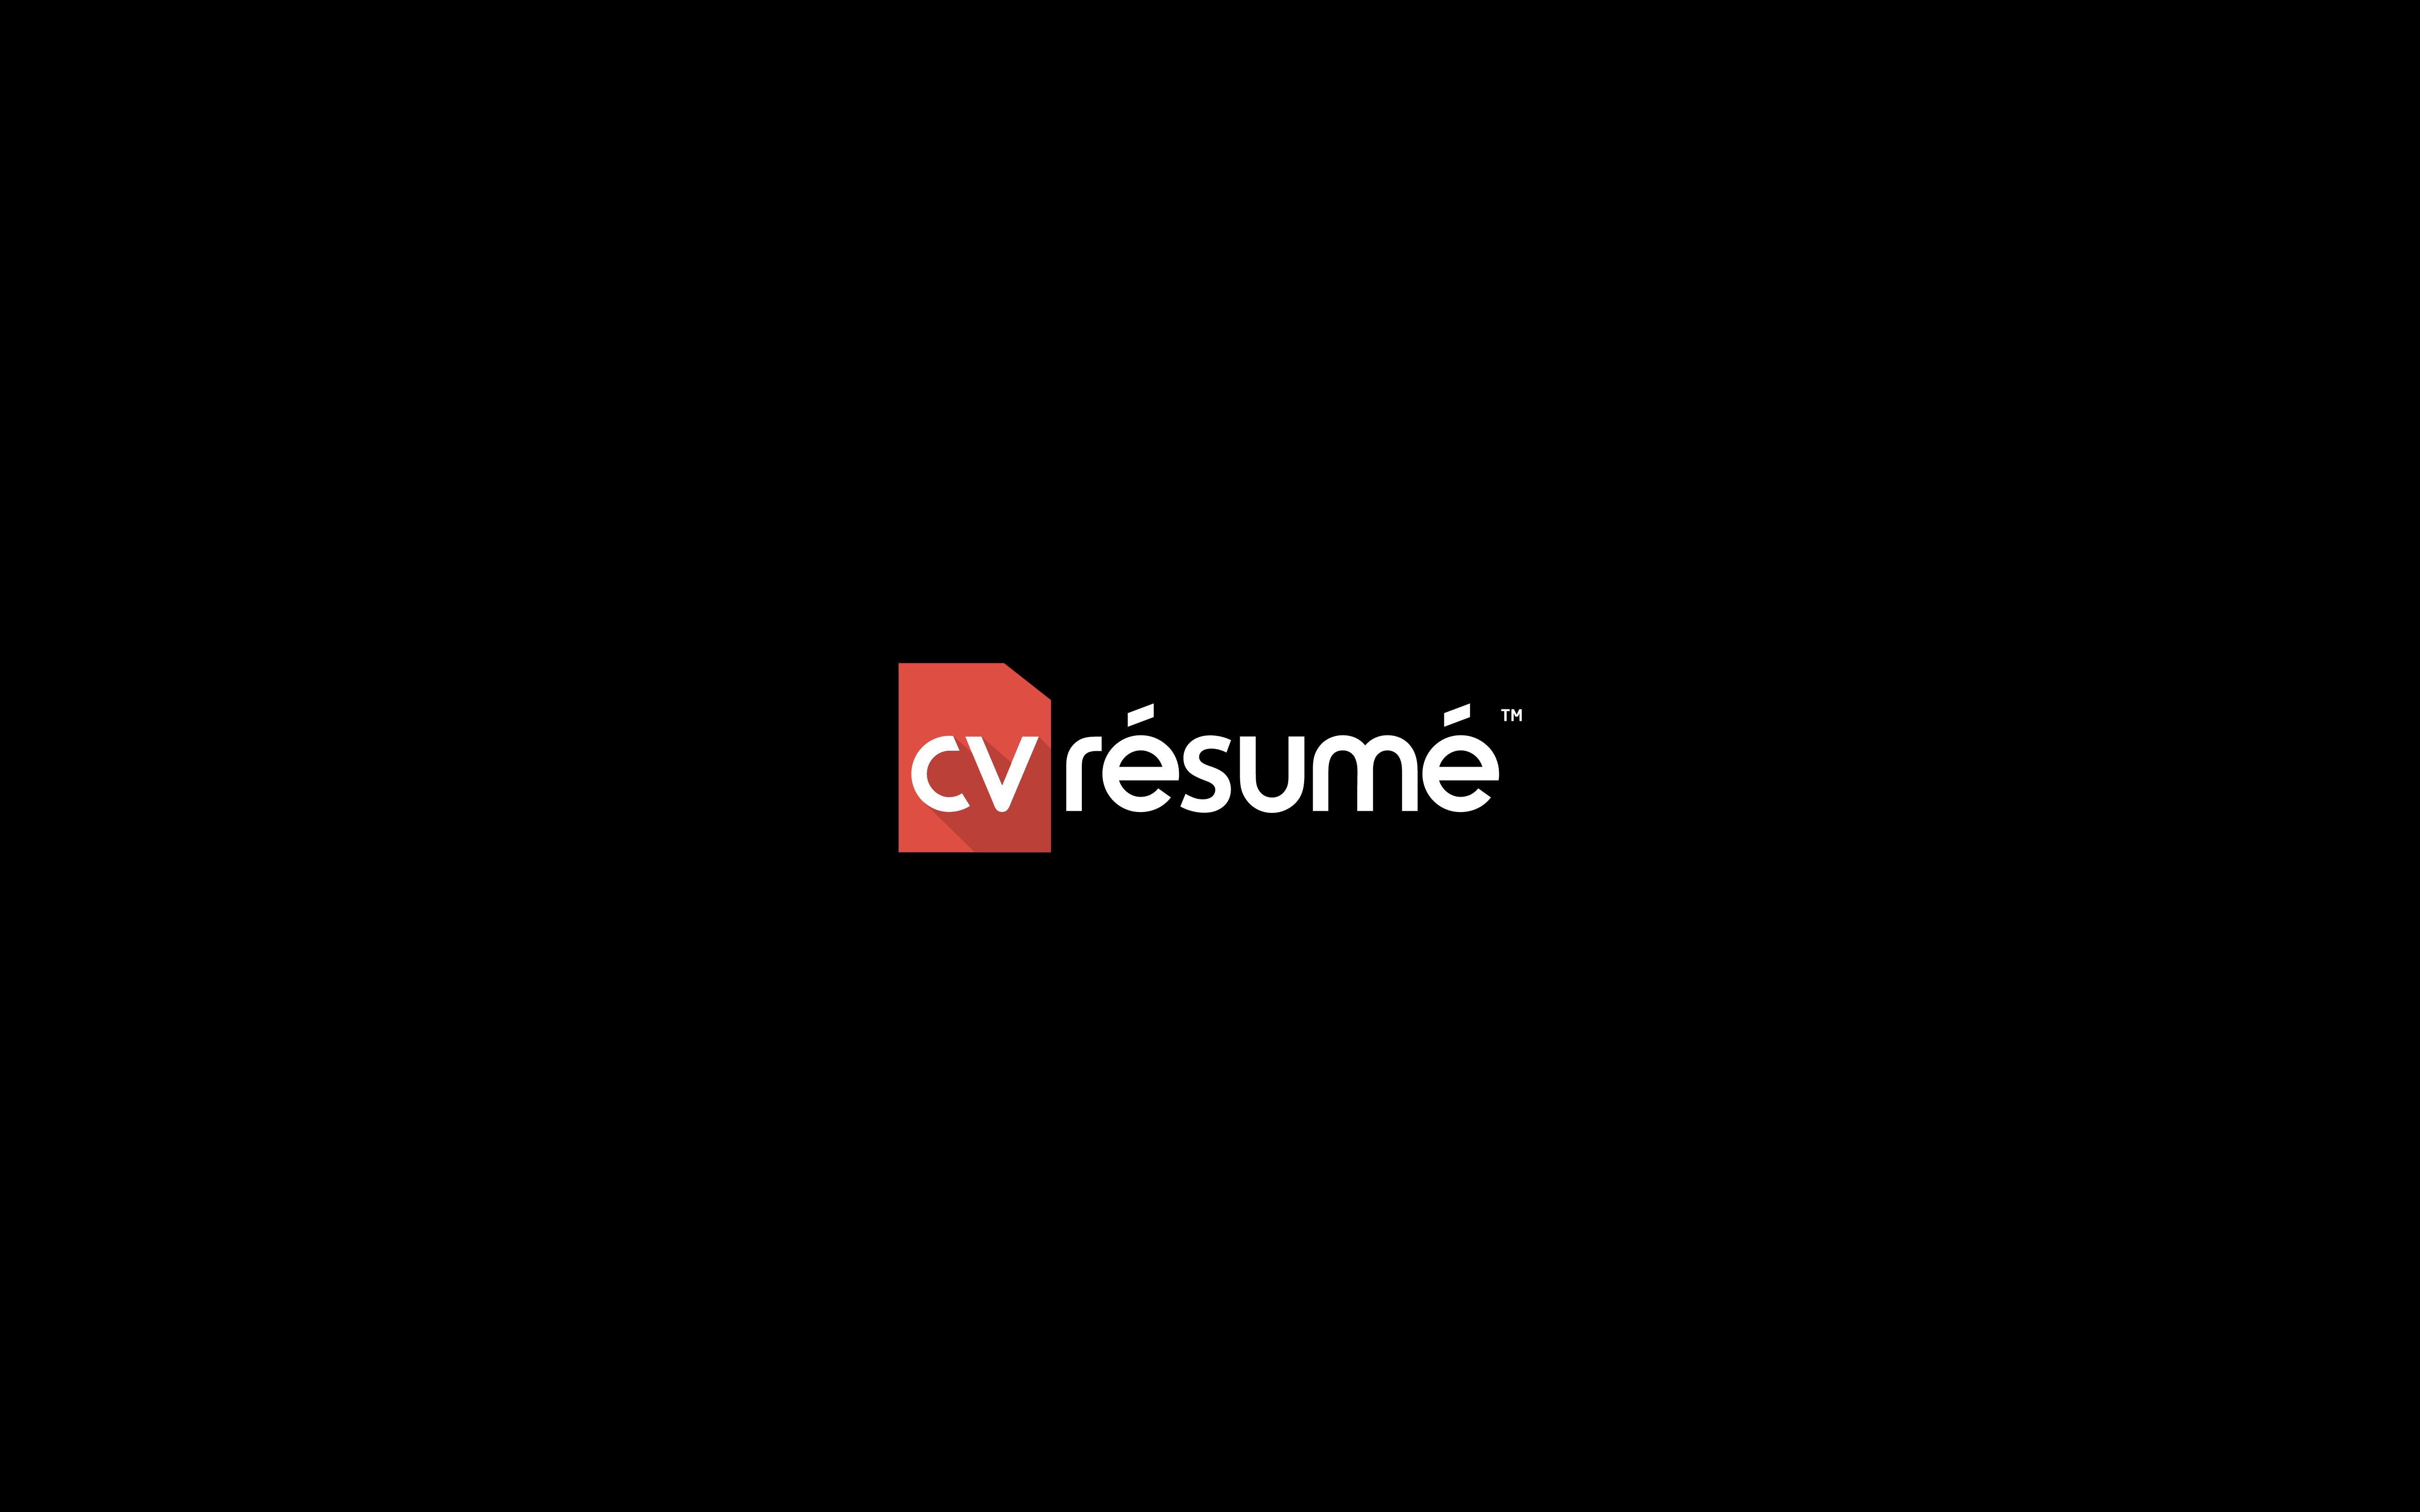 Create a brand identity for CV Résumé